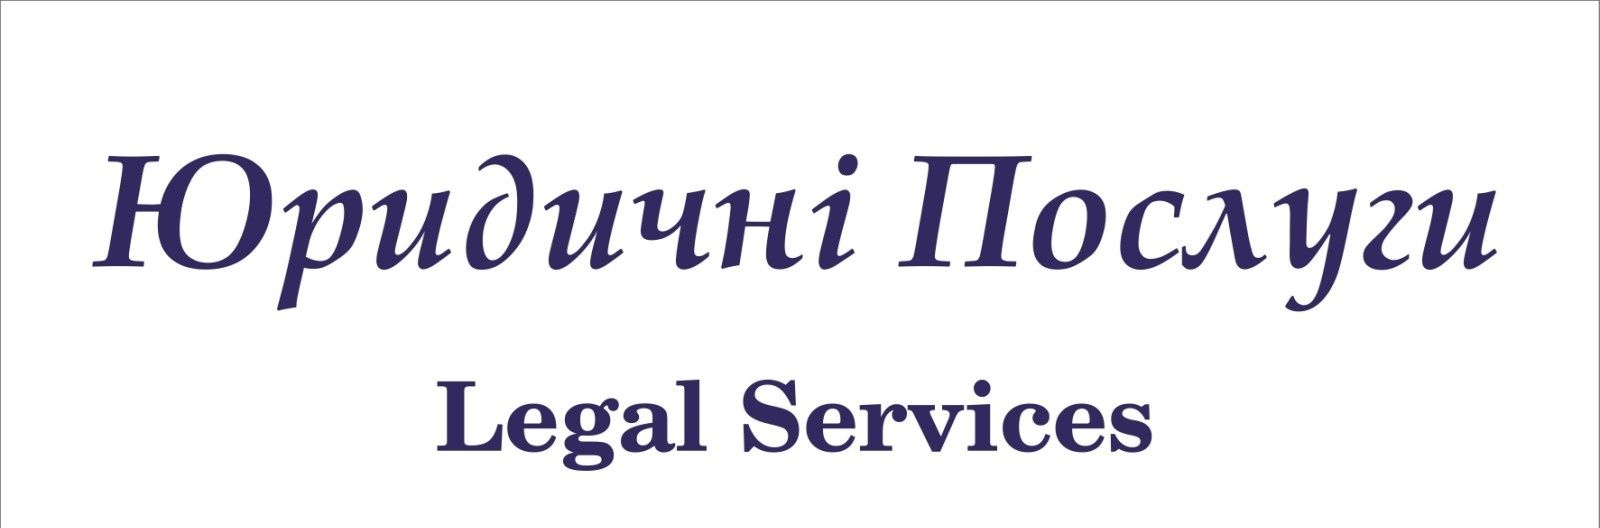 Регистрационные услуги, Юр. Адреса, помощь в открытии счетов.